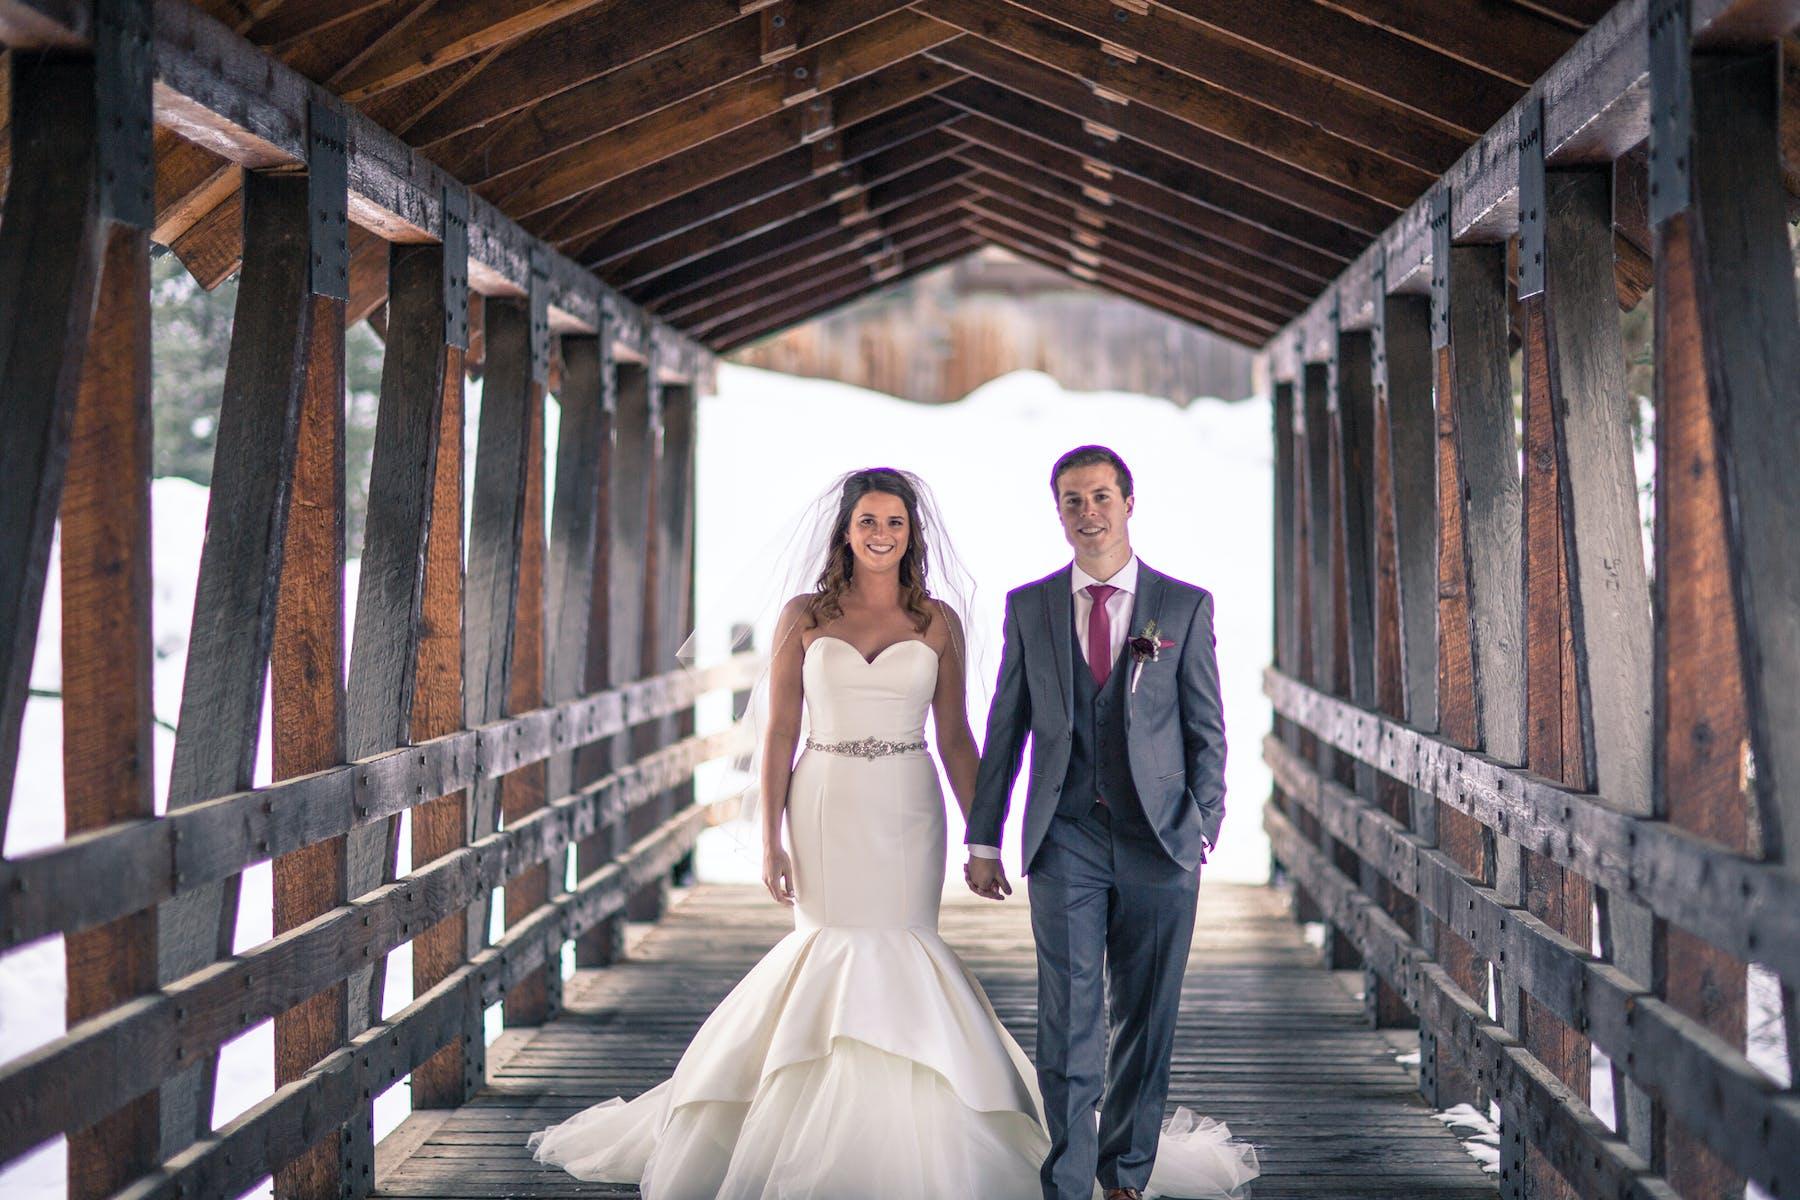 Larkspur Vail Winter Wedding Venue Colorado